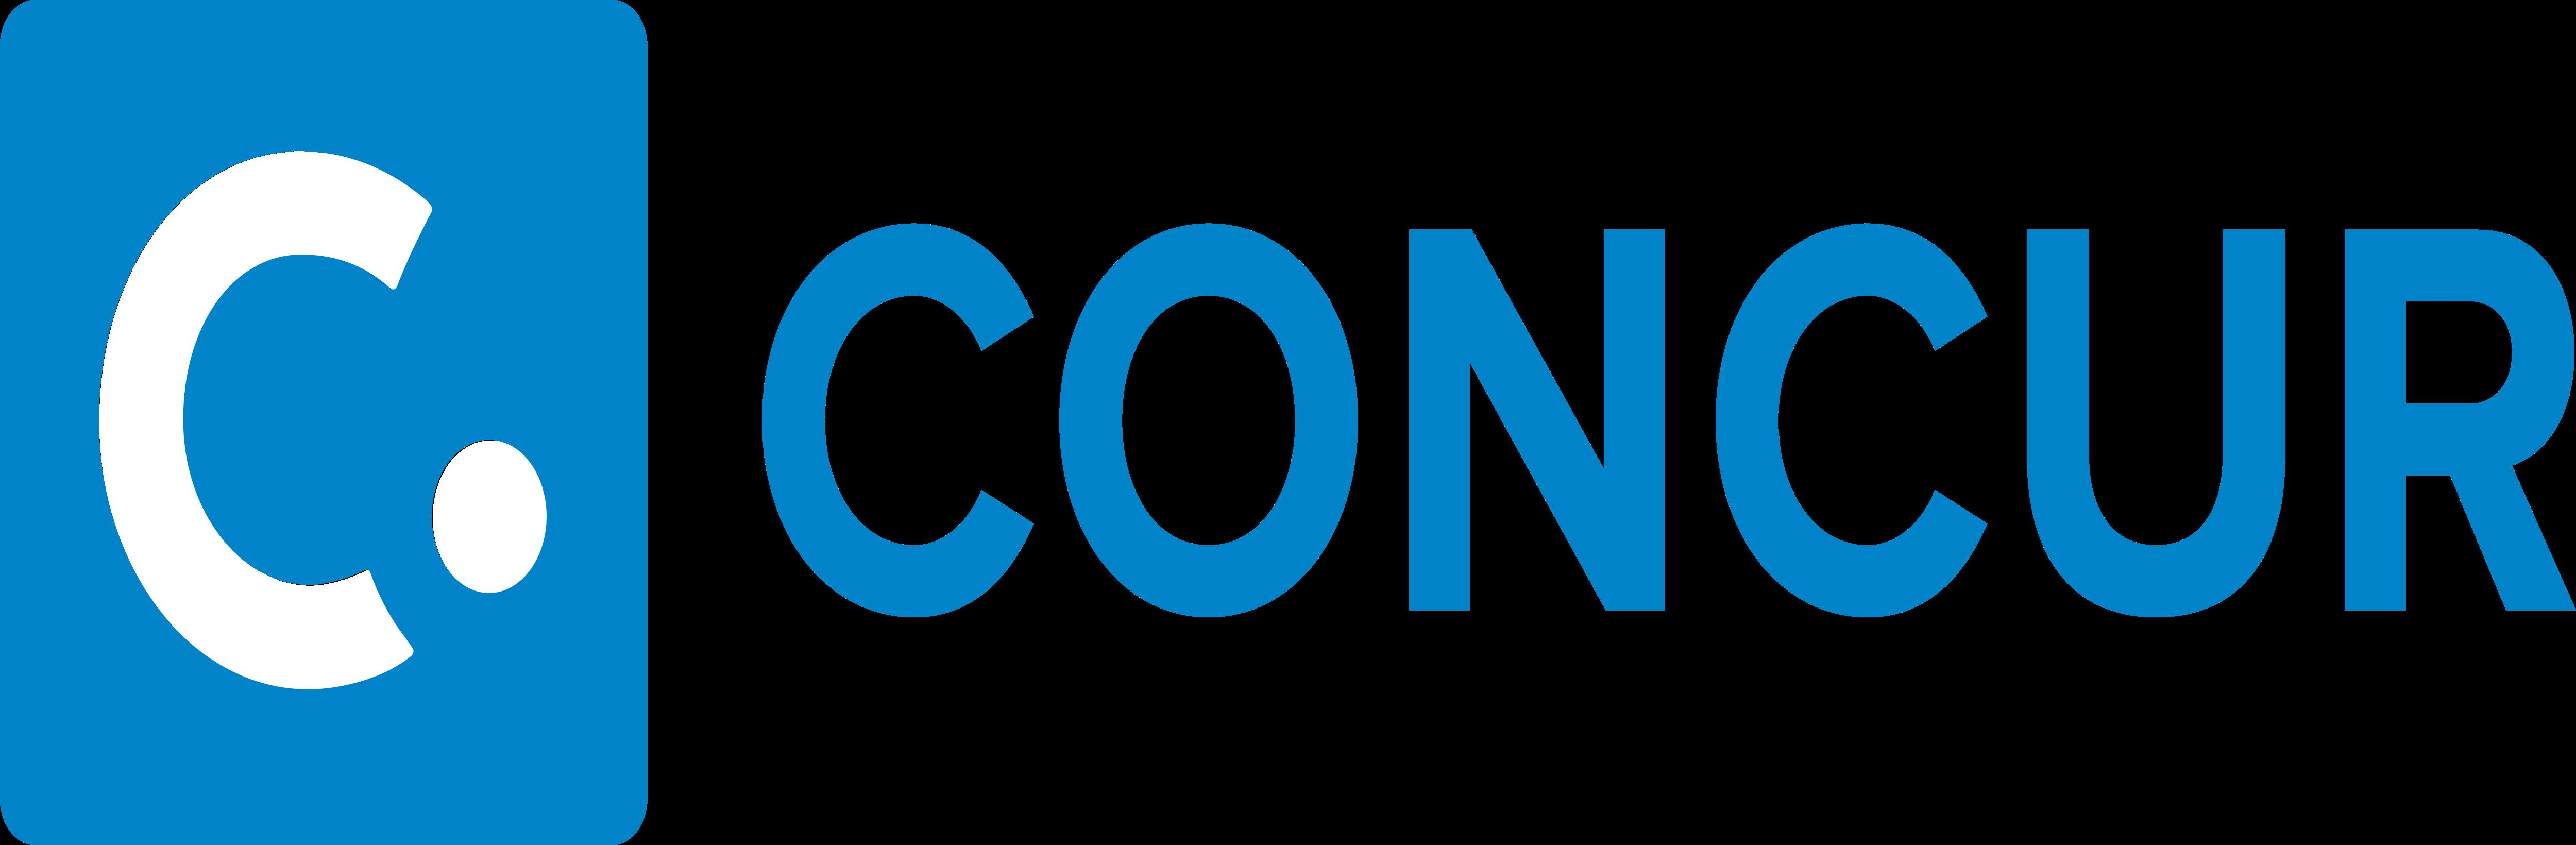 Concur Technologies.